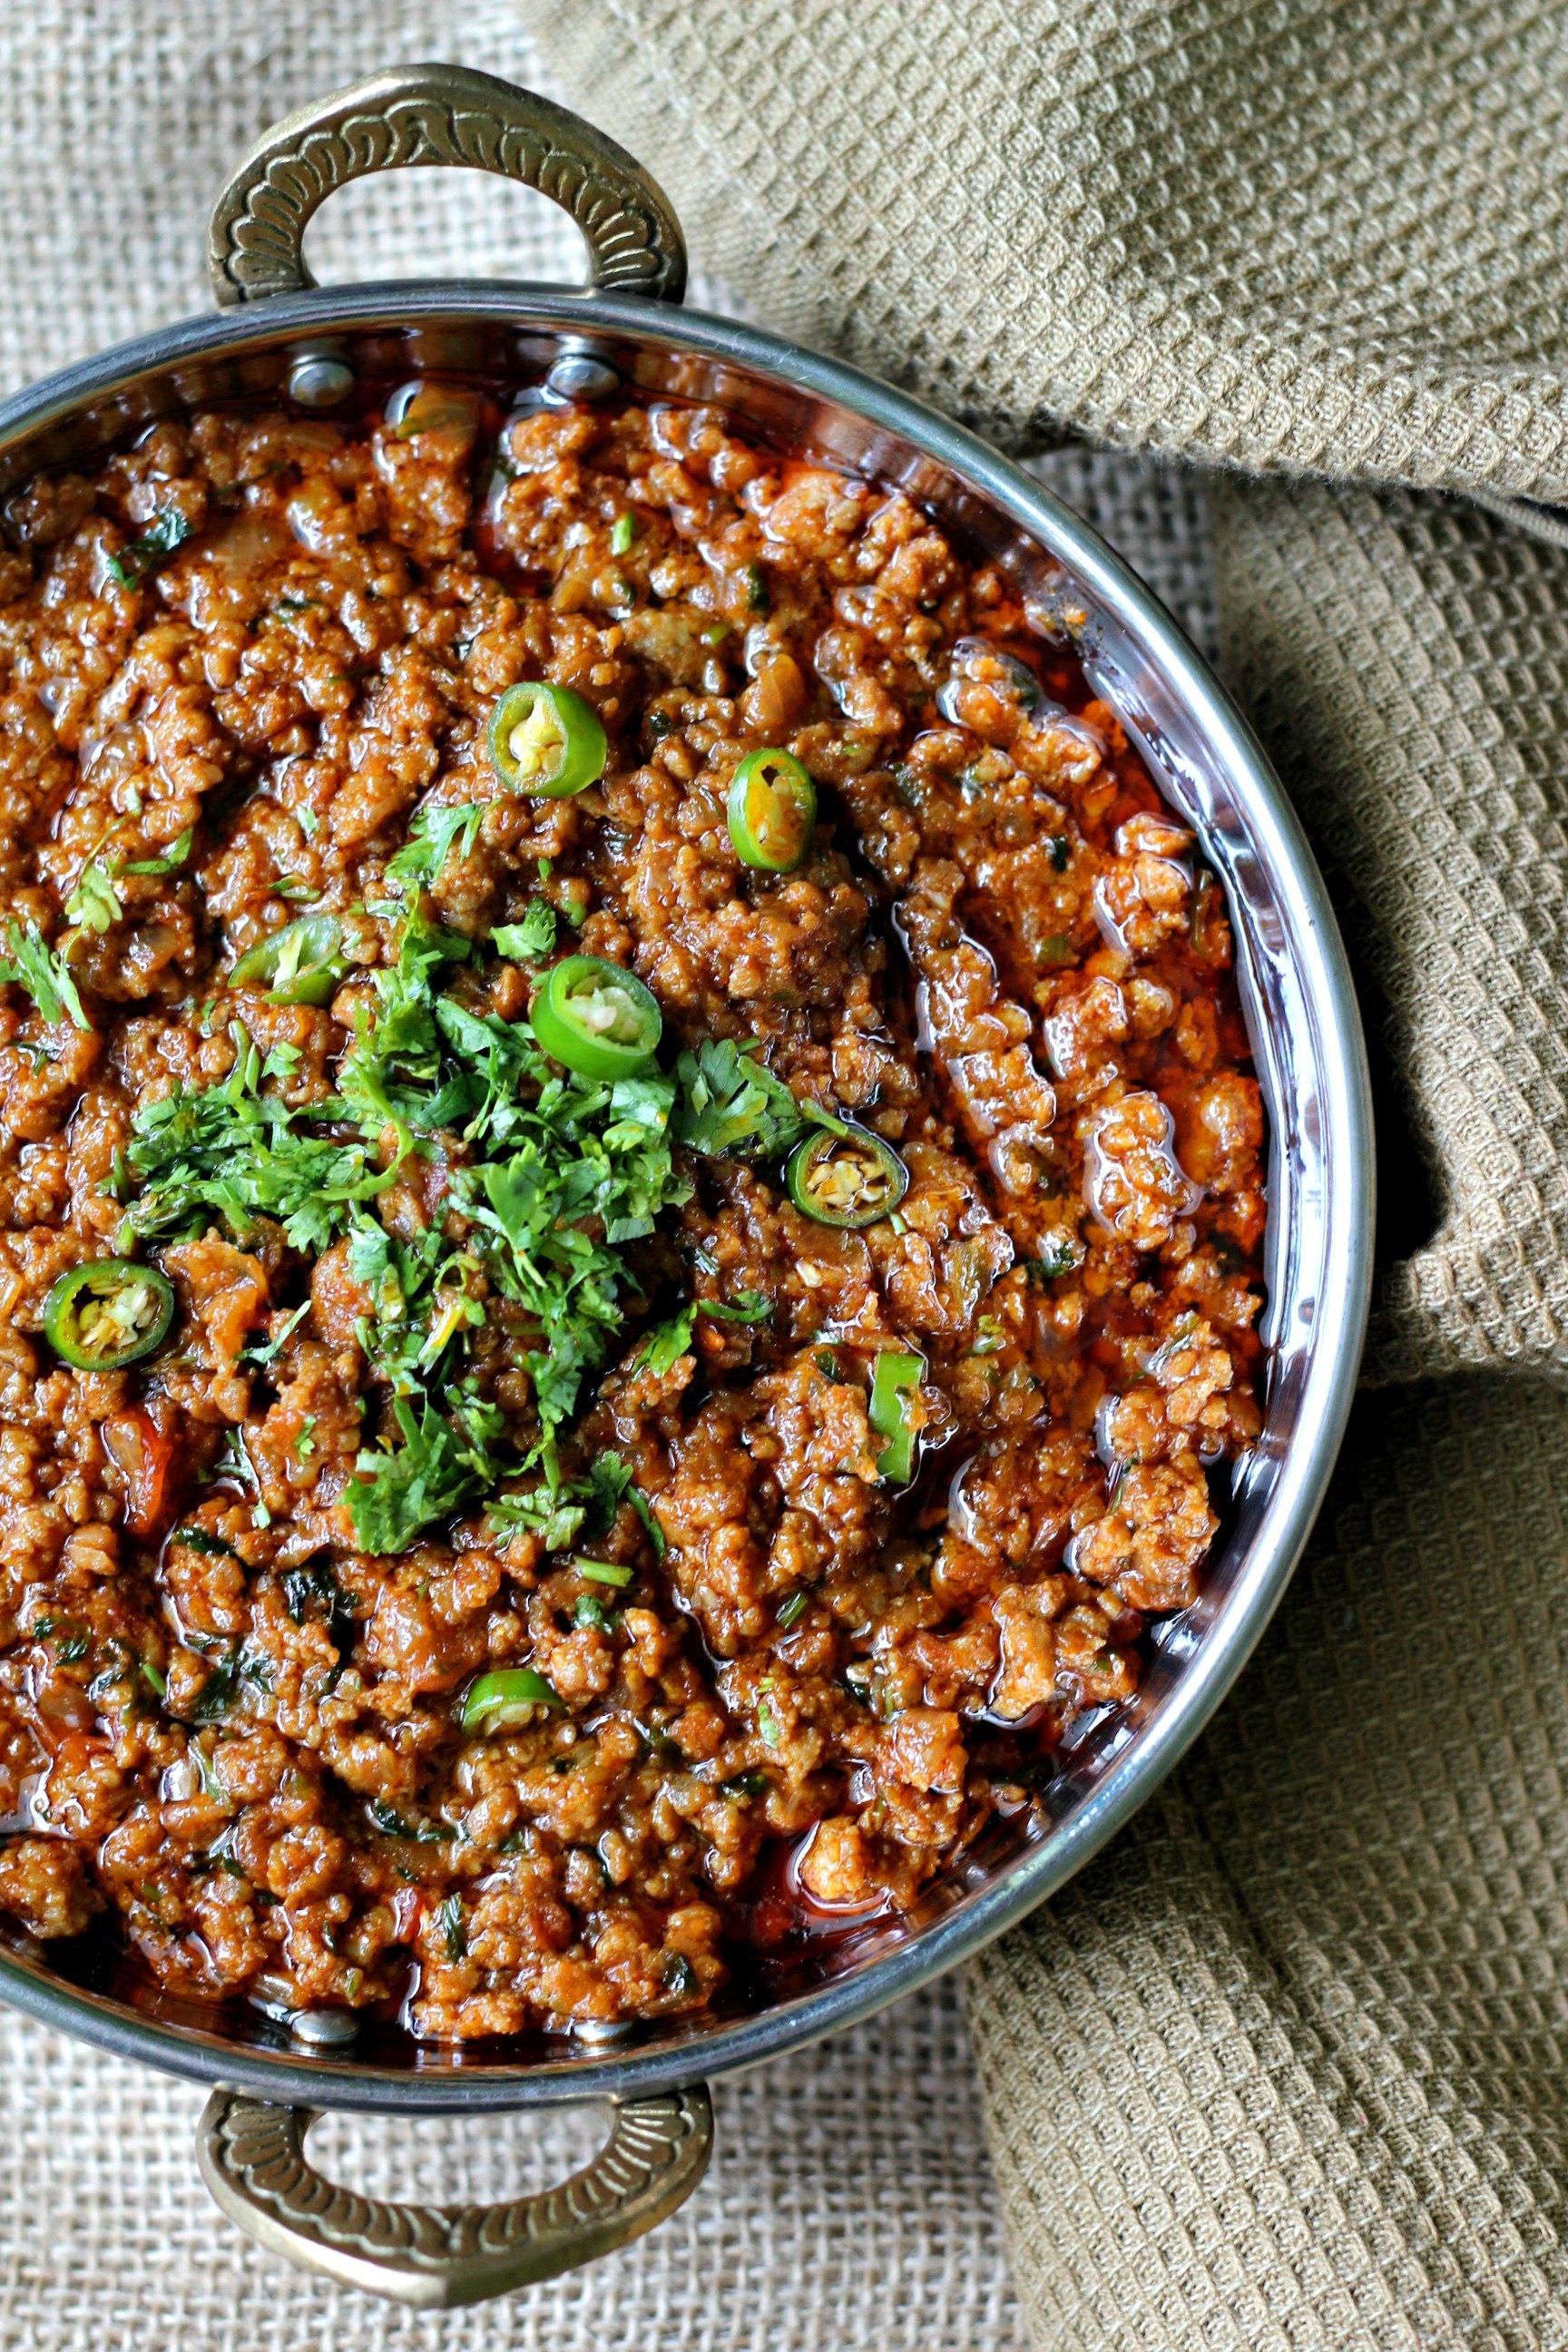 Tasty Bhuna Keema Pakistani Food Recipe